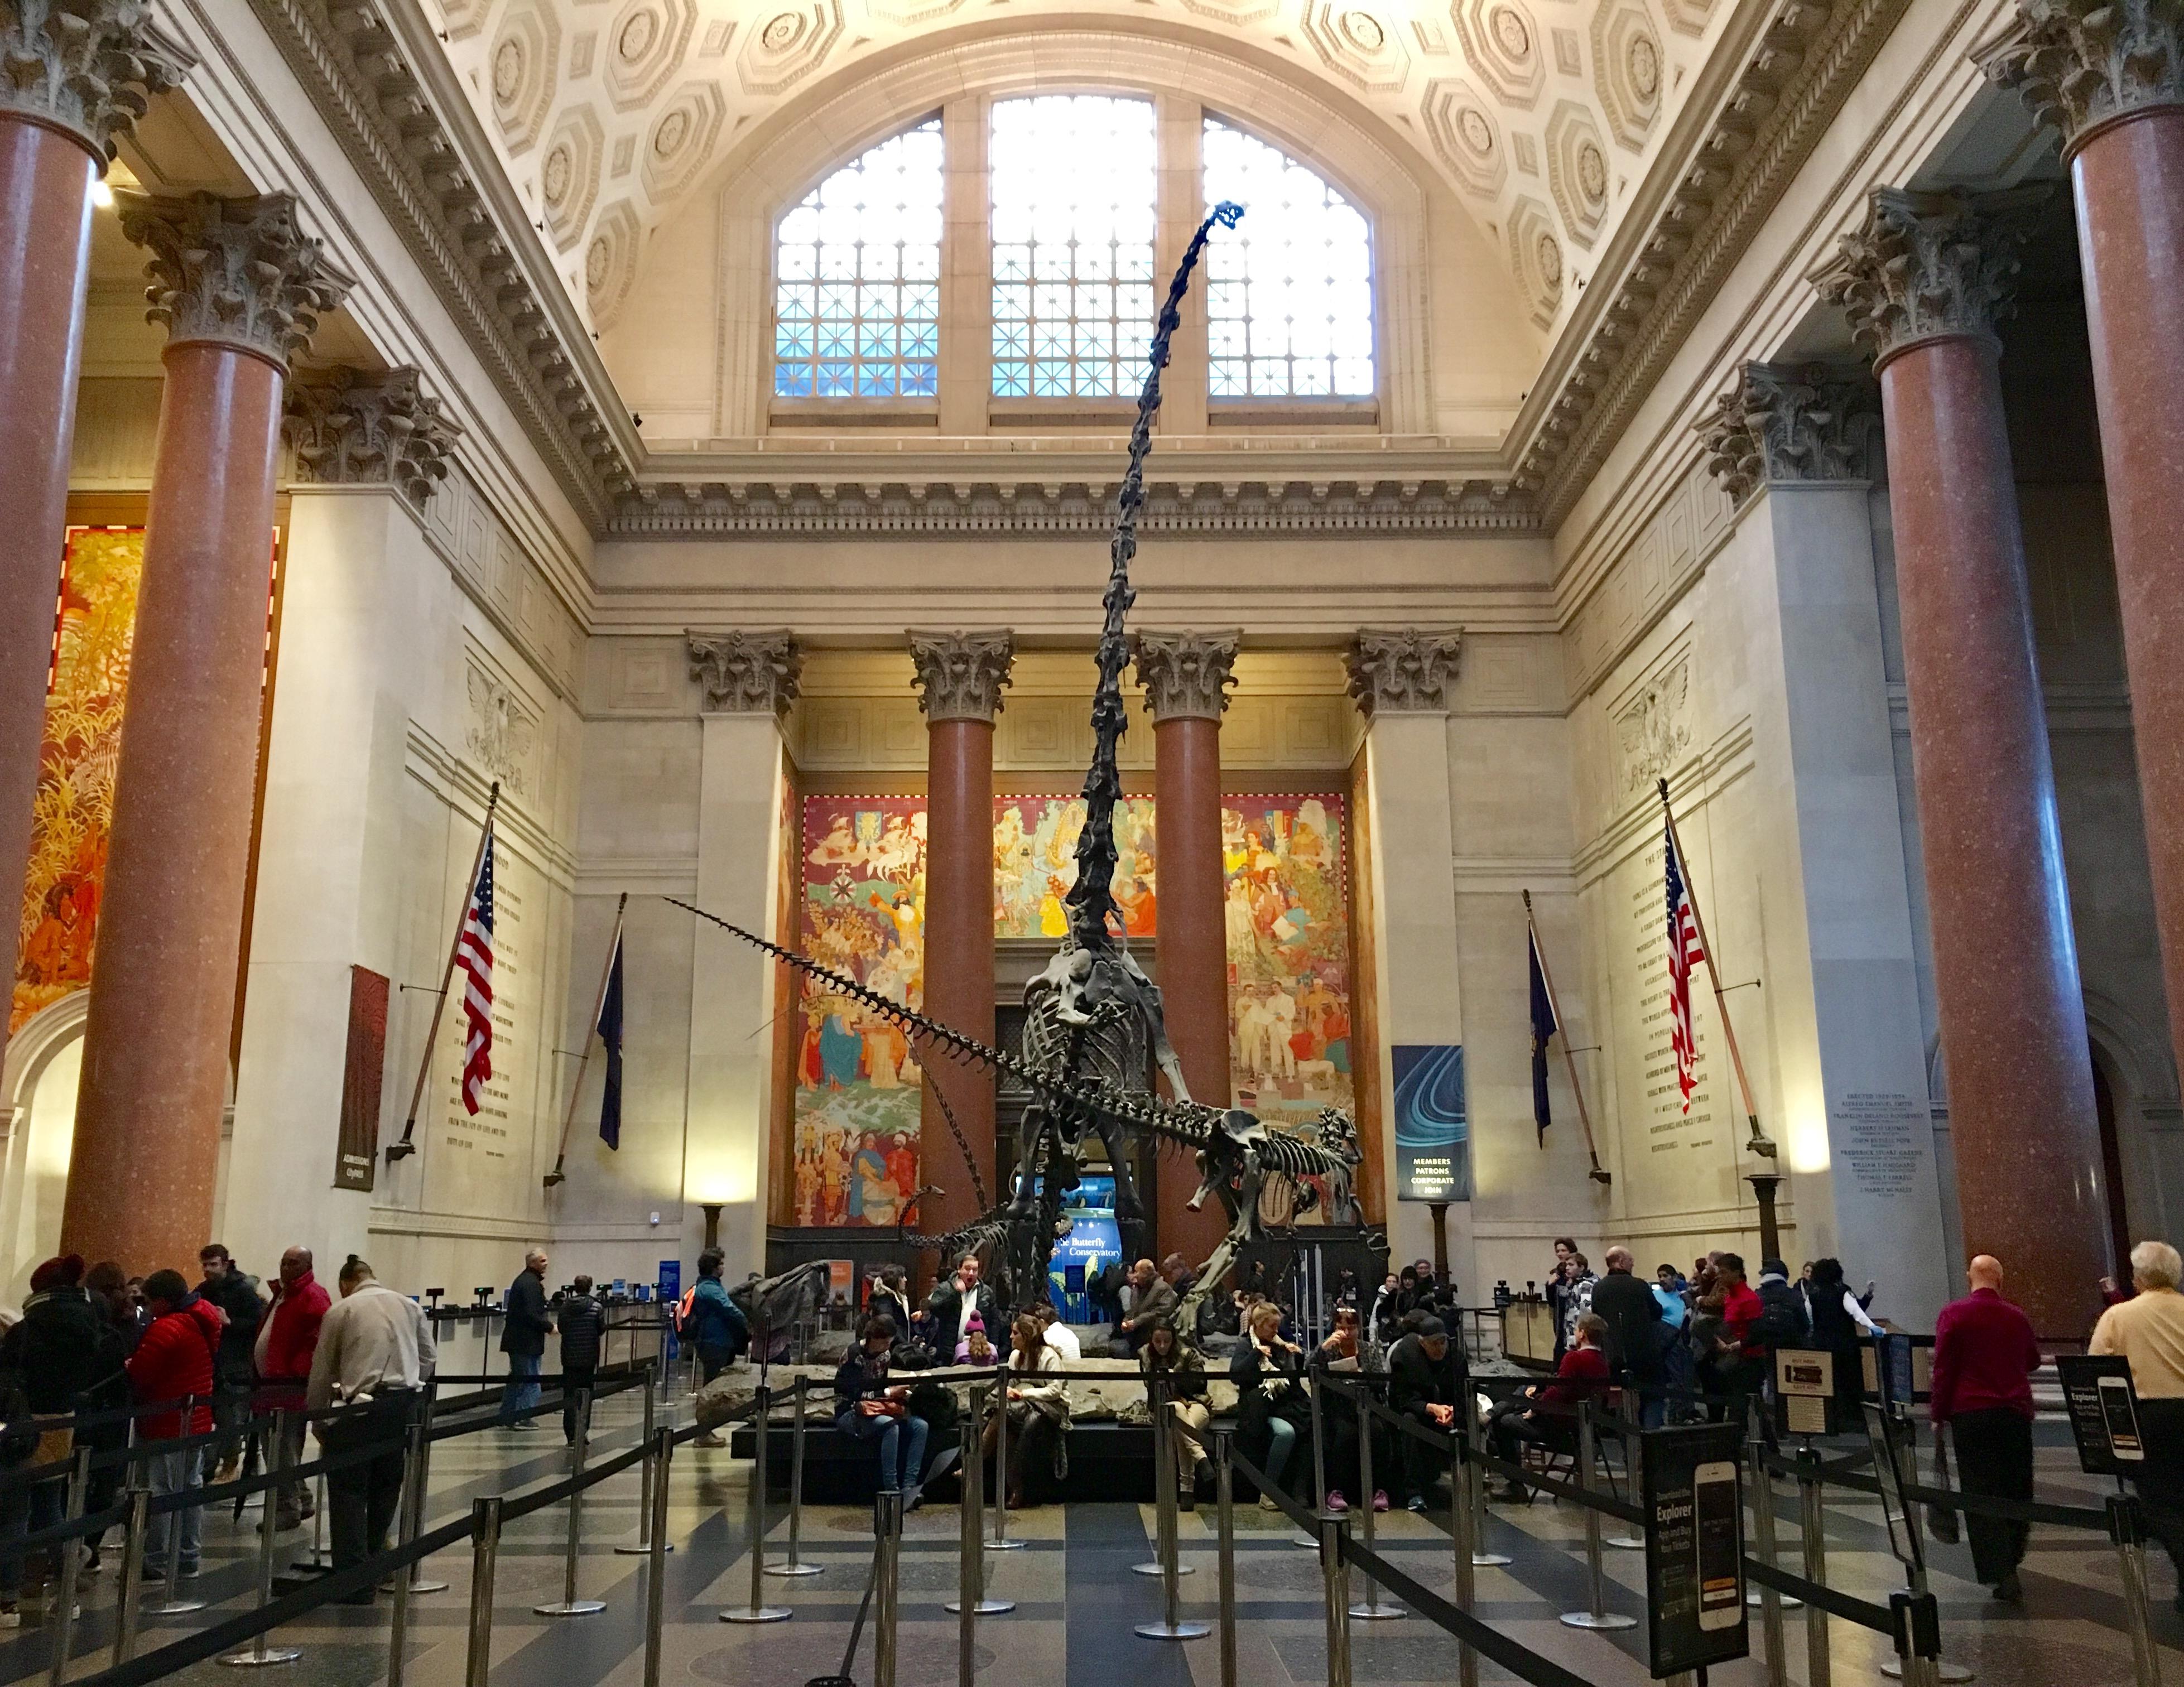 ∙Museo de Historia Natural de Nueva York ¿Por qué no puedes perdértelo?